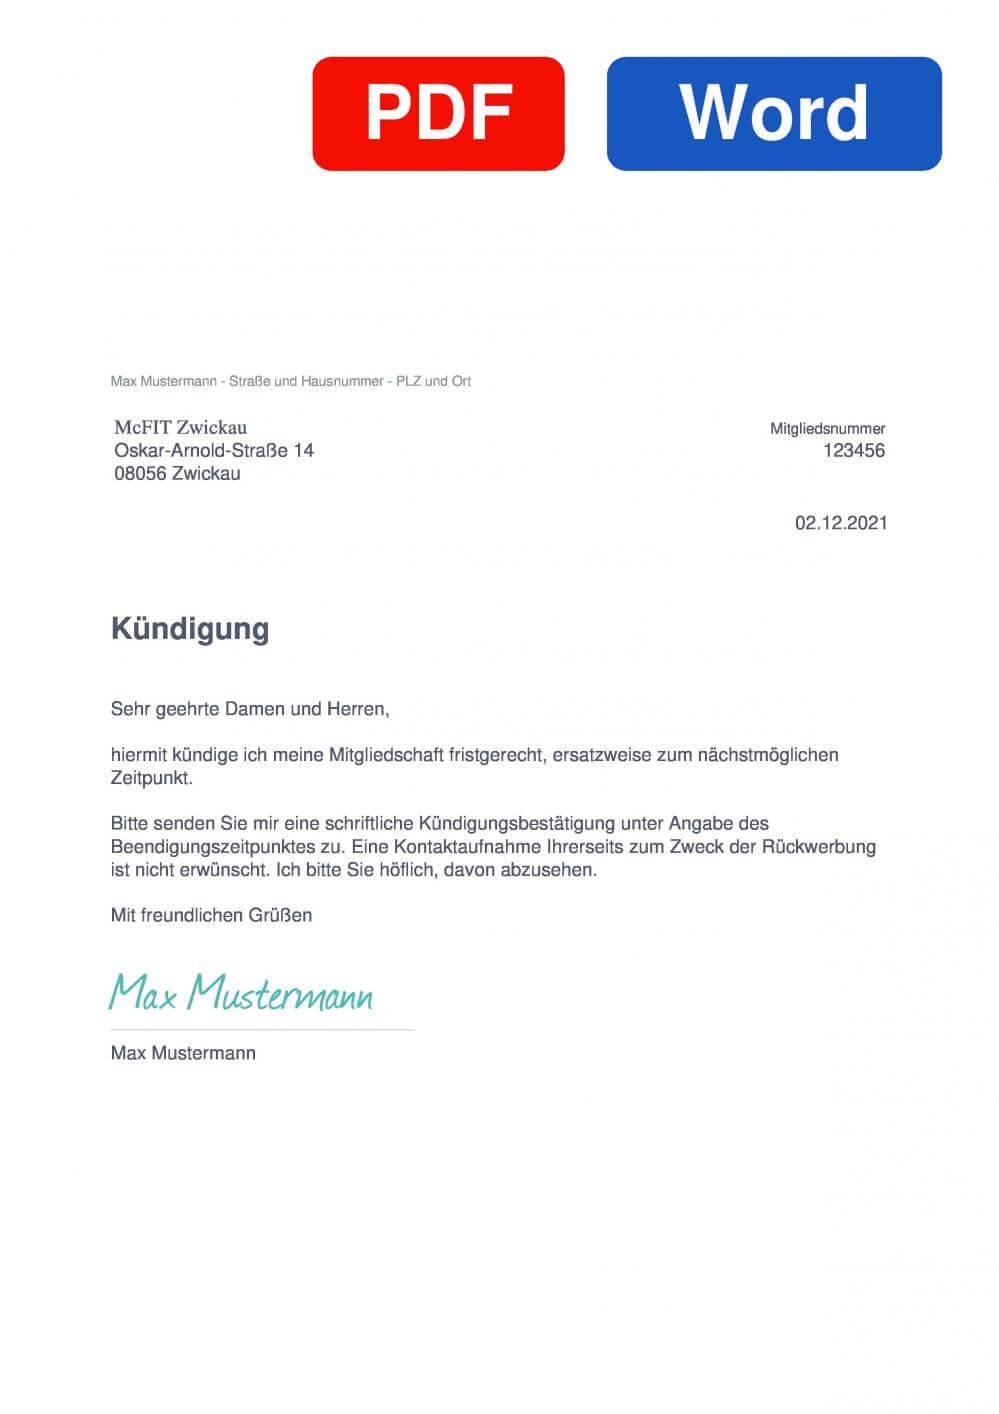 McFIT Zwickau Muster Vorlage für Kündigungsschreiben